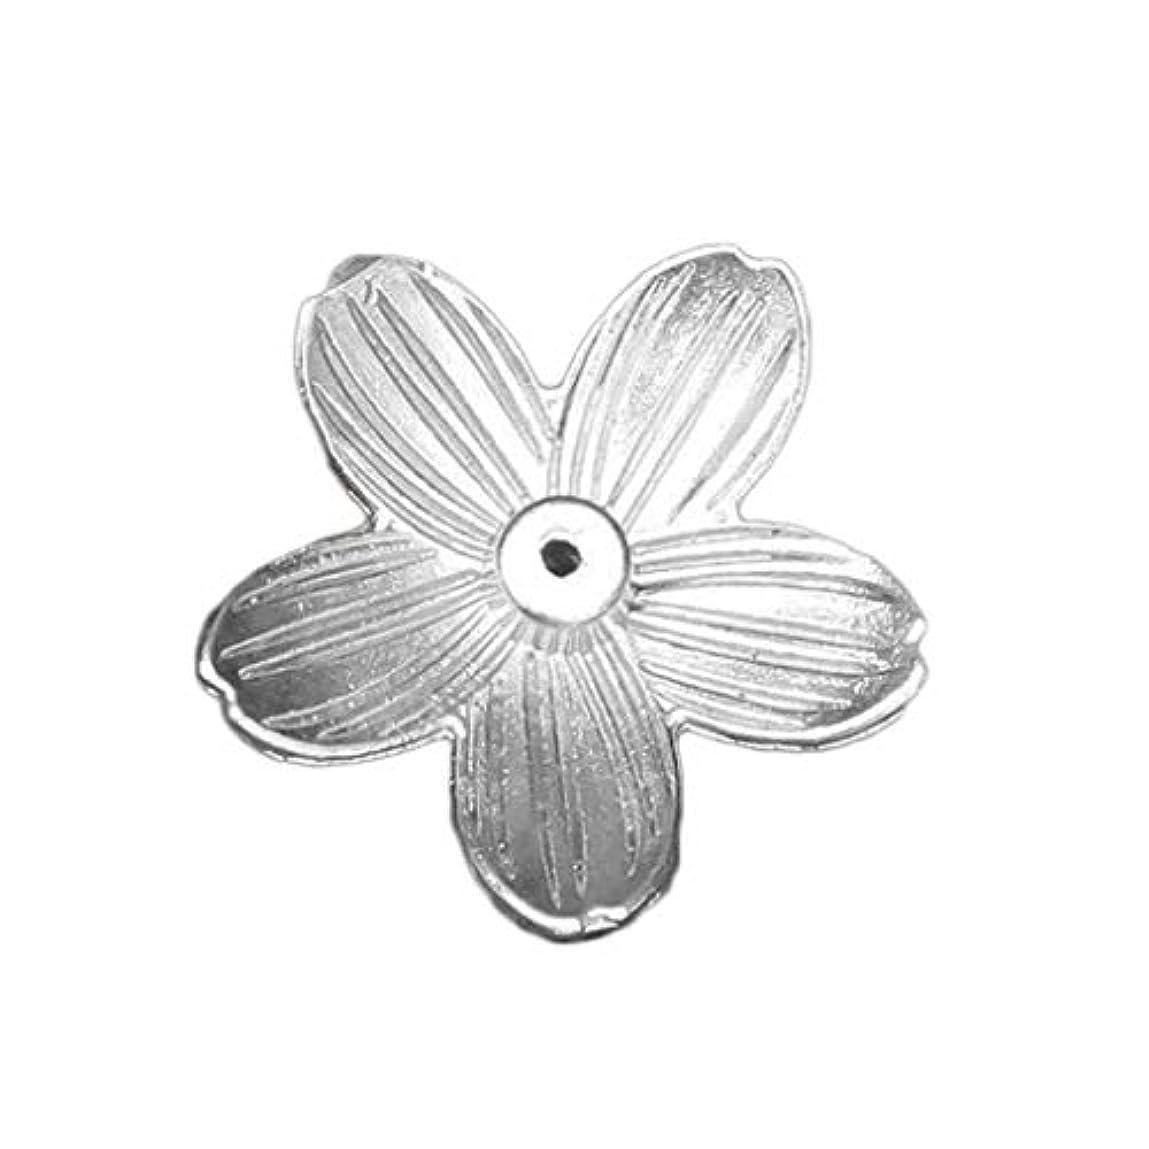 モーター超高層ビル癒す芳香器?アロマバーナー 1ピース桜の花柄香バーナースティックホルダー香ベースプラグ香スタンドホームデコレーション 芳香器?アロマバーナー (Color : C)